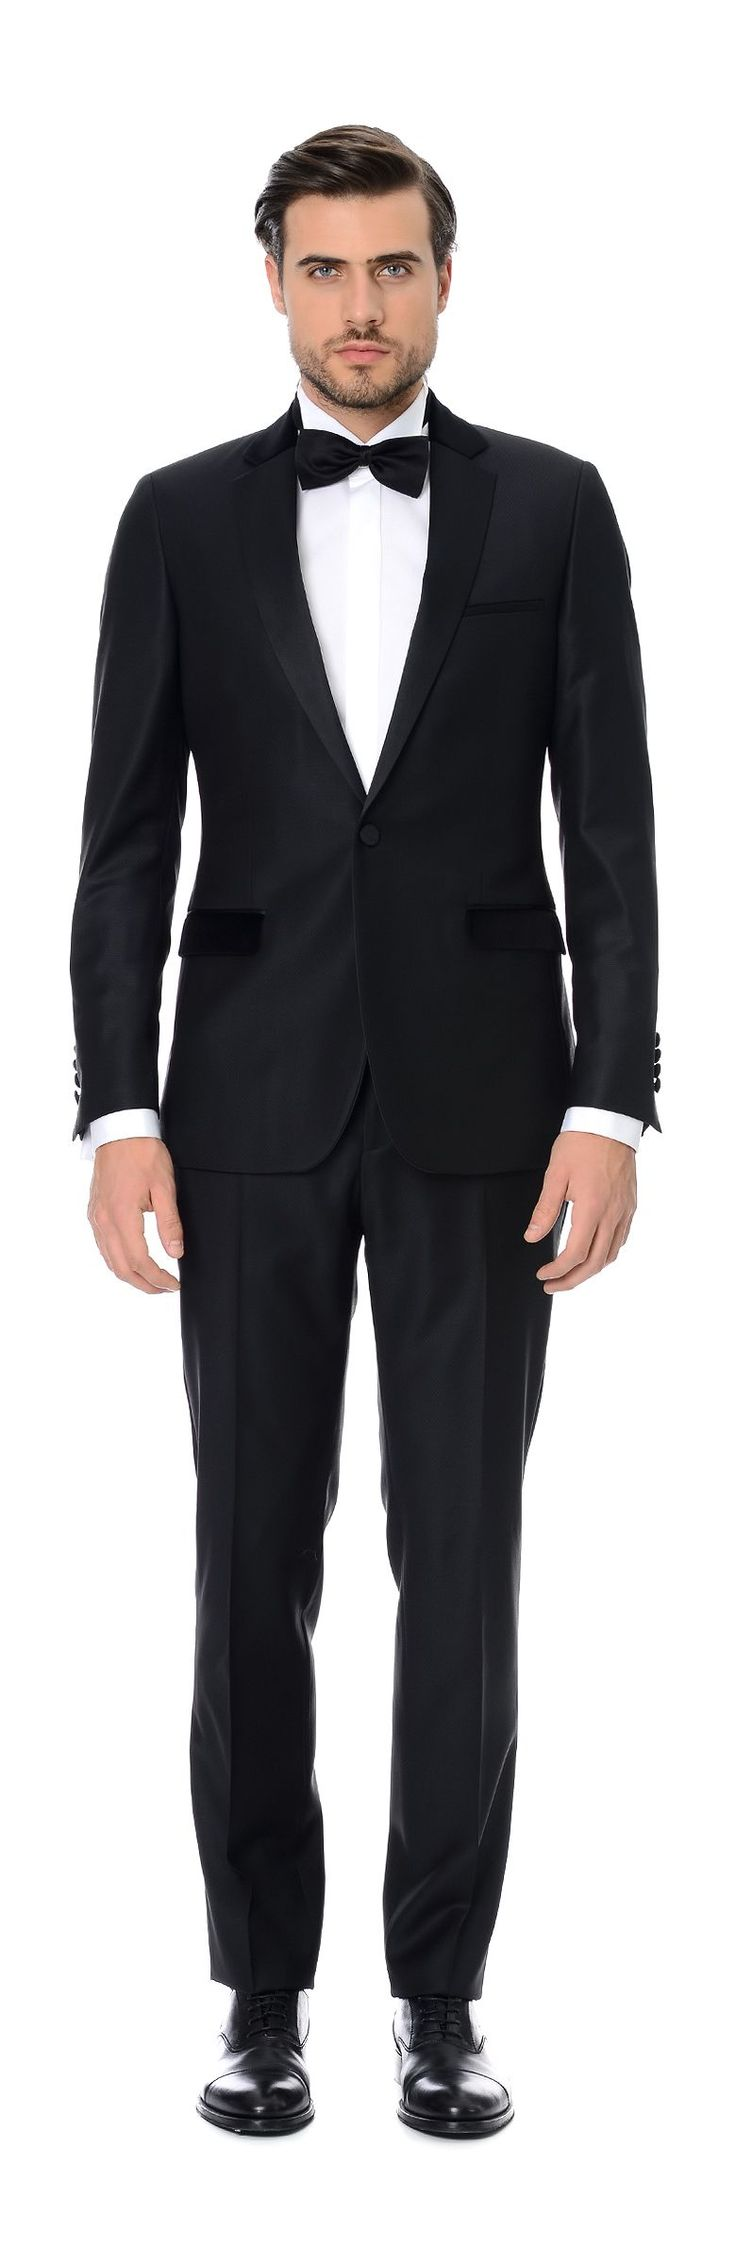 Network - Siyah Smokin Takım Elbise